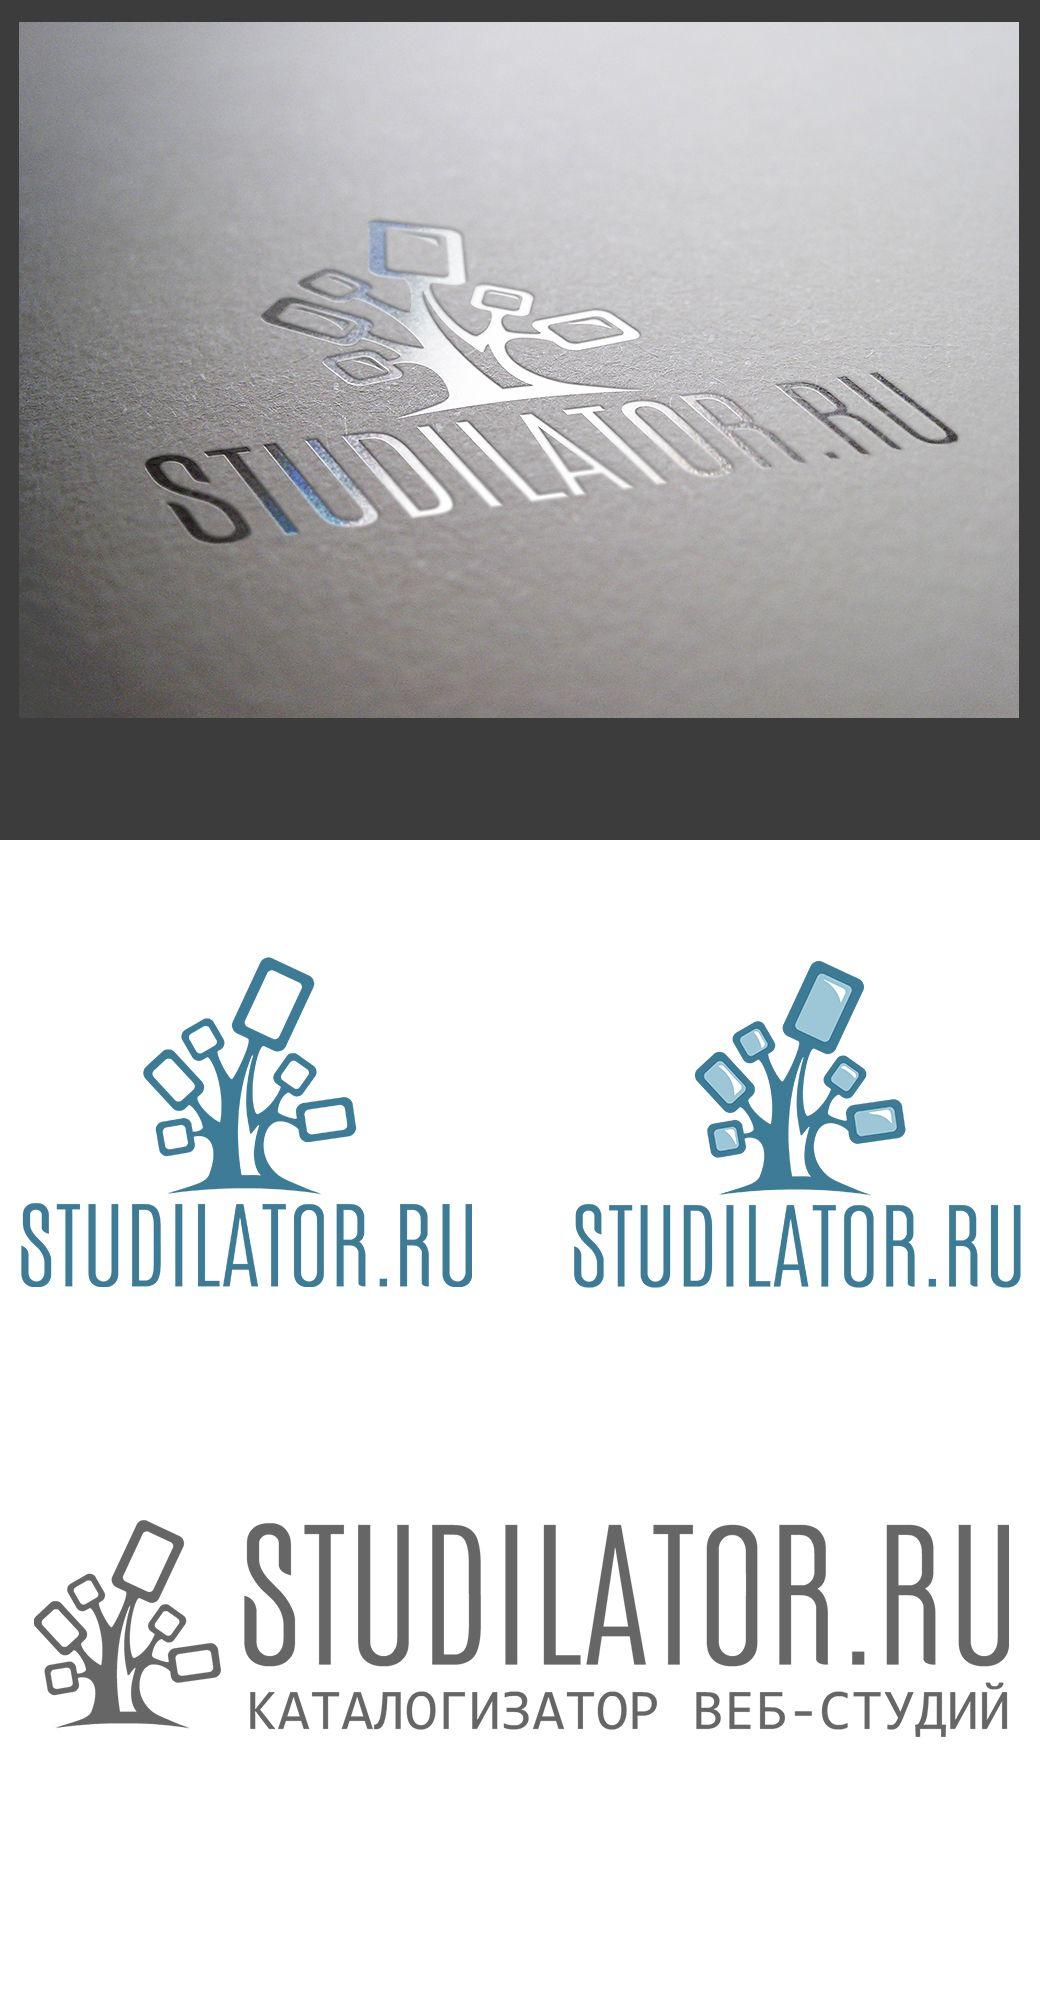 Логотип для каталога студий Веб-дизайна - дизайнер Bercherglod